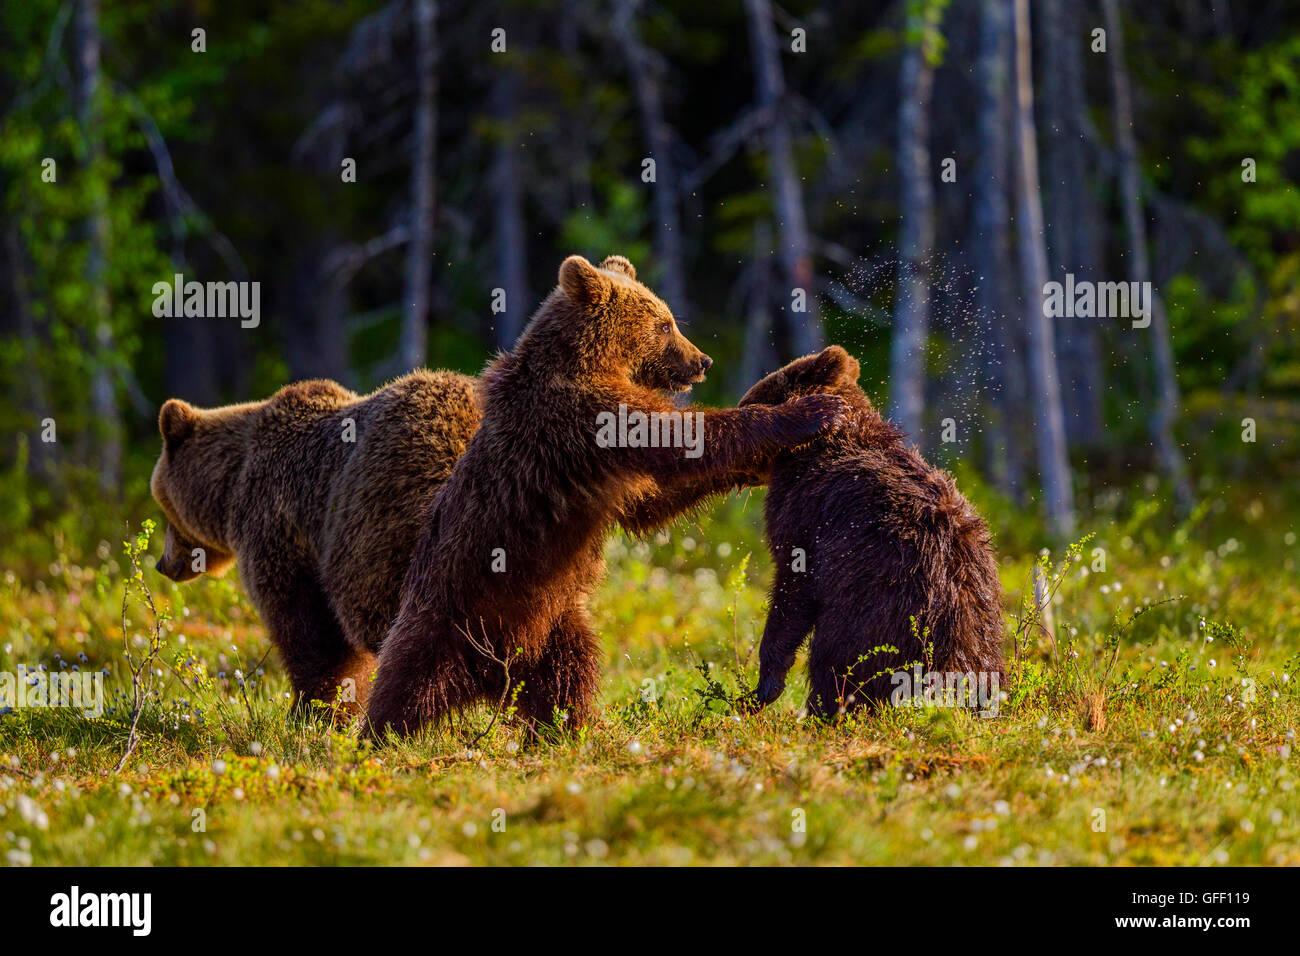 Orso bruno cubs gioca con l'altra, Finlandia. Immagini Stock